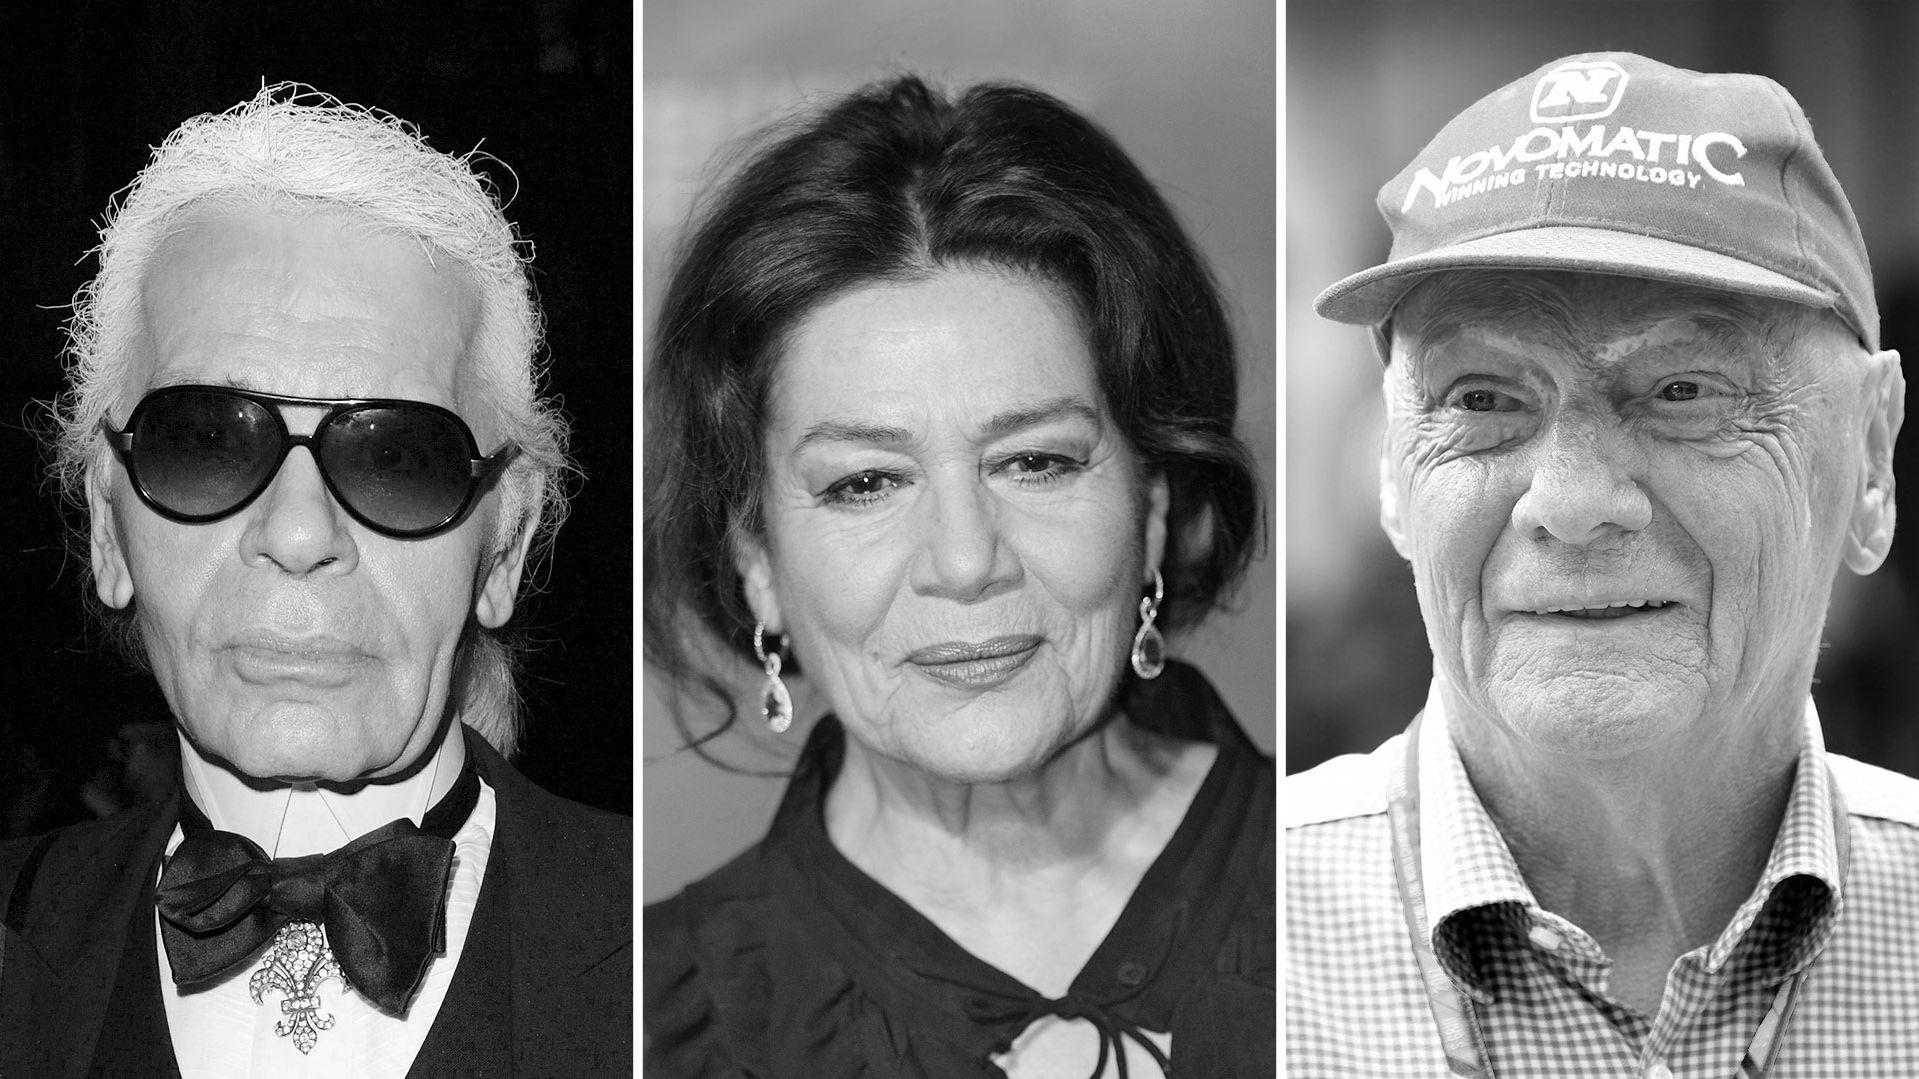 Karl Lagerfeld, Hannelore Elsner, Niki Lauda